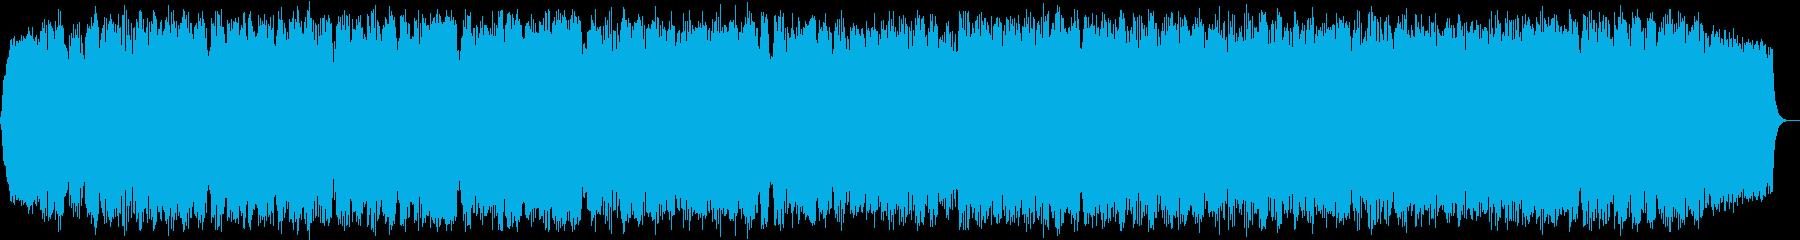 ゆったりとした竹笛のヒーリング音楽の再生済みの波形